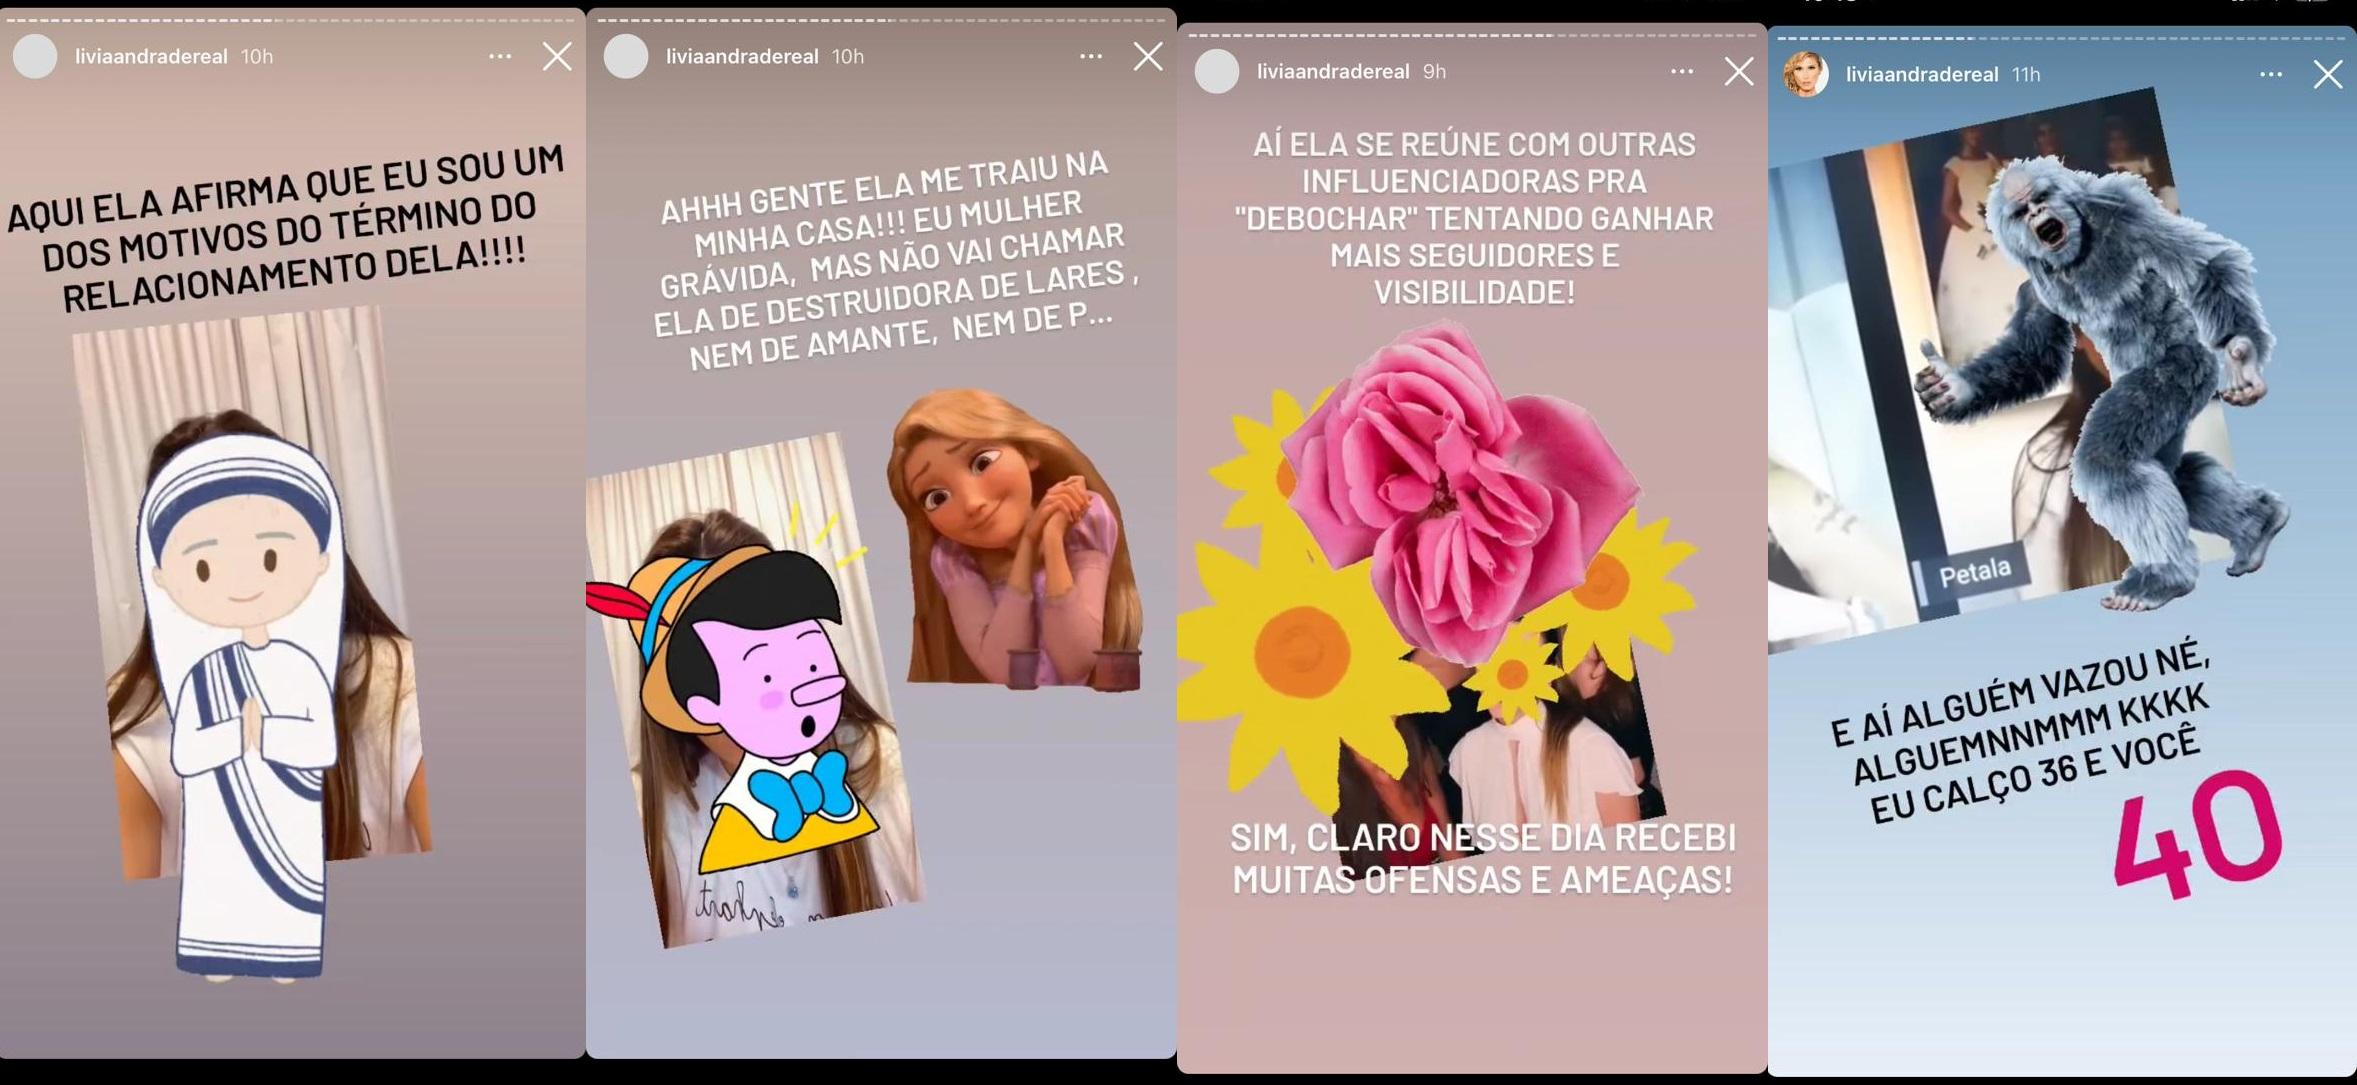 Imagem: Print de stories de Lívia Andrade compartilhando vídeos de Pétala Barreiros (Reprodução/Instagram)